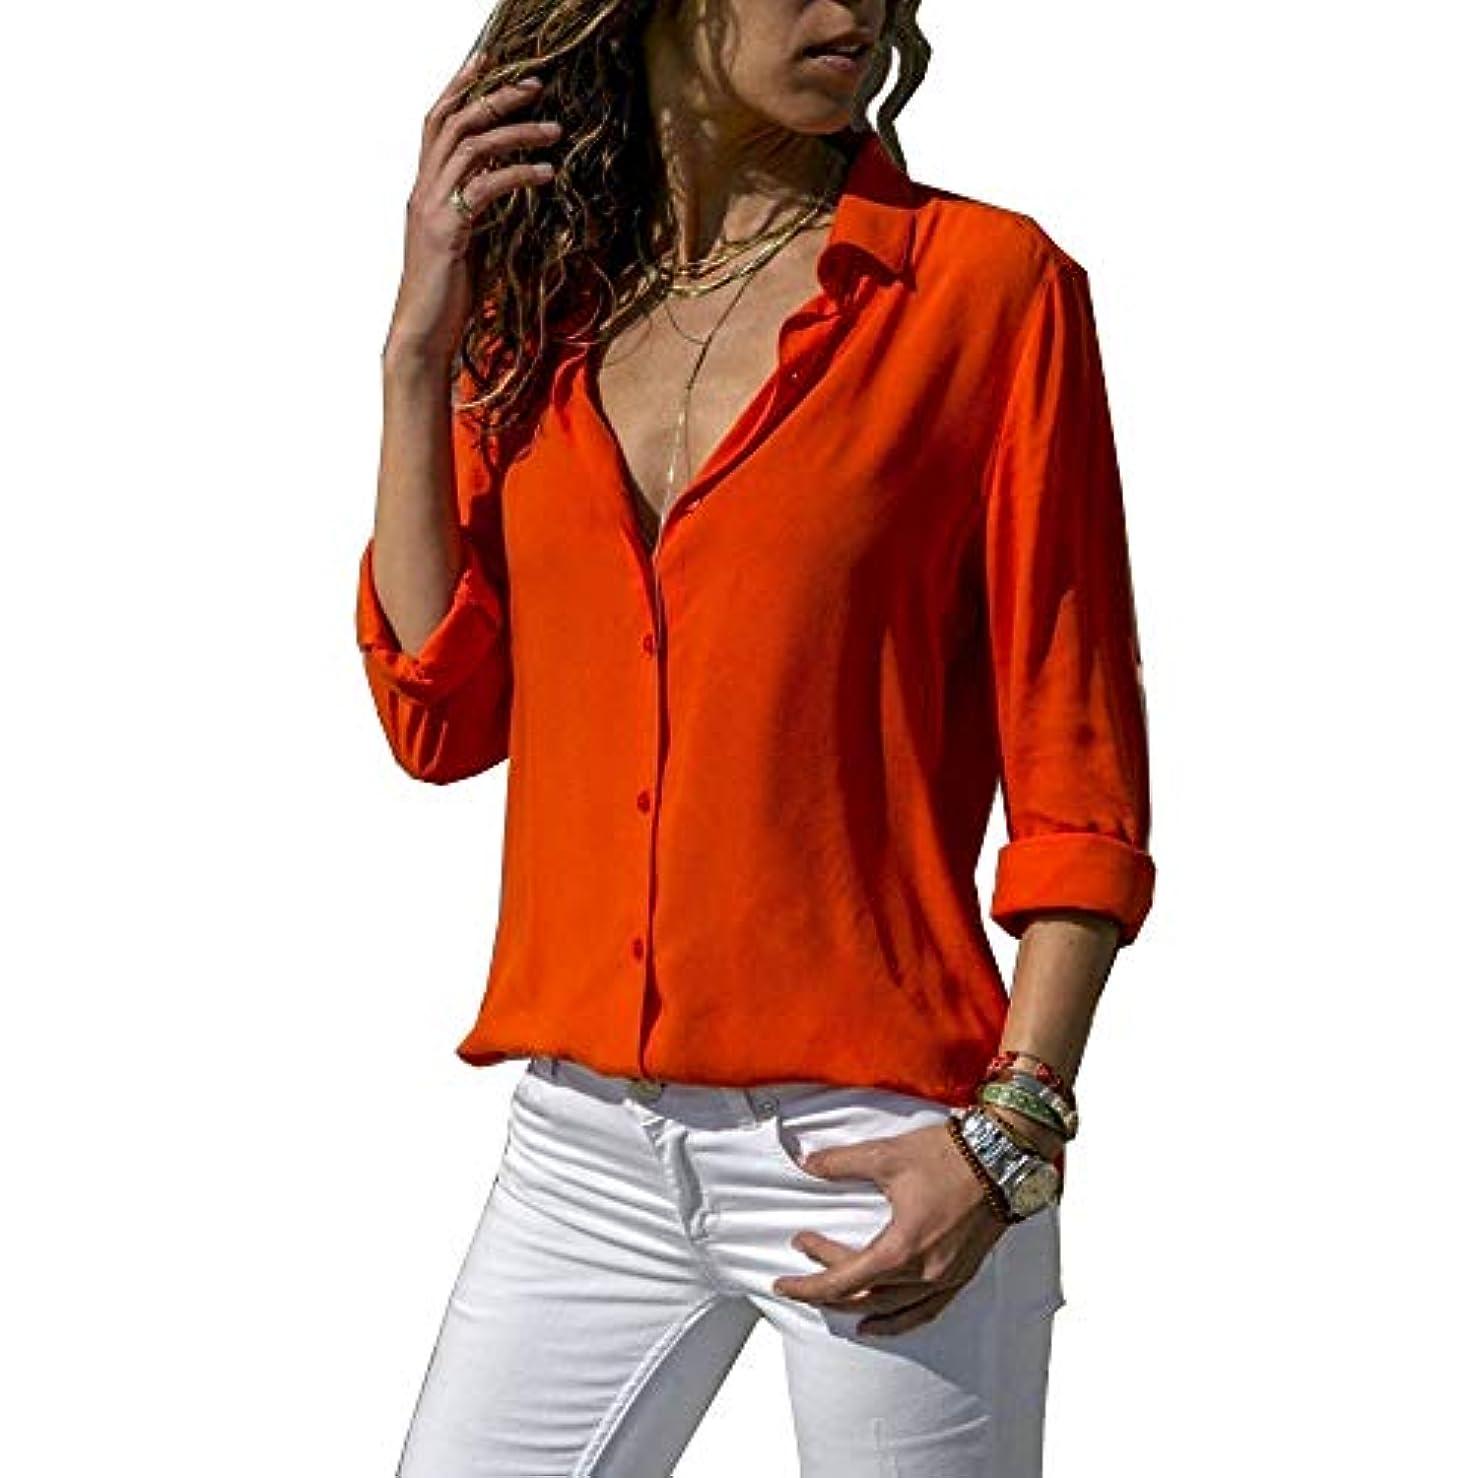 帰する借りるパイプラインMIFAN ルーズシャツ、トップス&Tシャツ、プラスサイズ、トップス&ブラウス、シフォンブラウス、女性トップス、シフォンシャツ